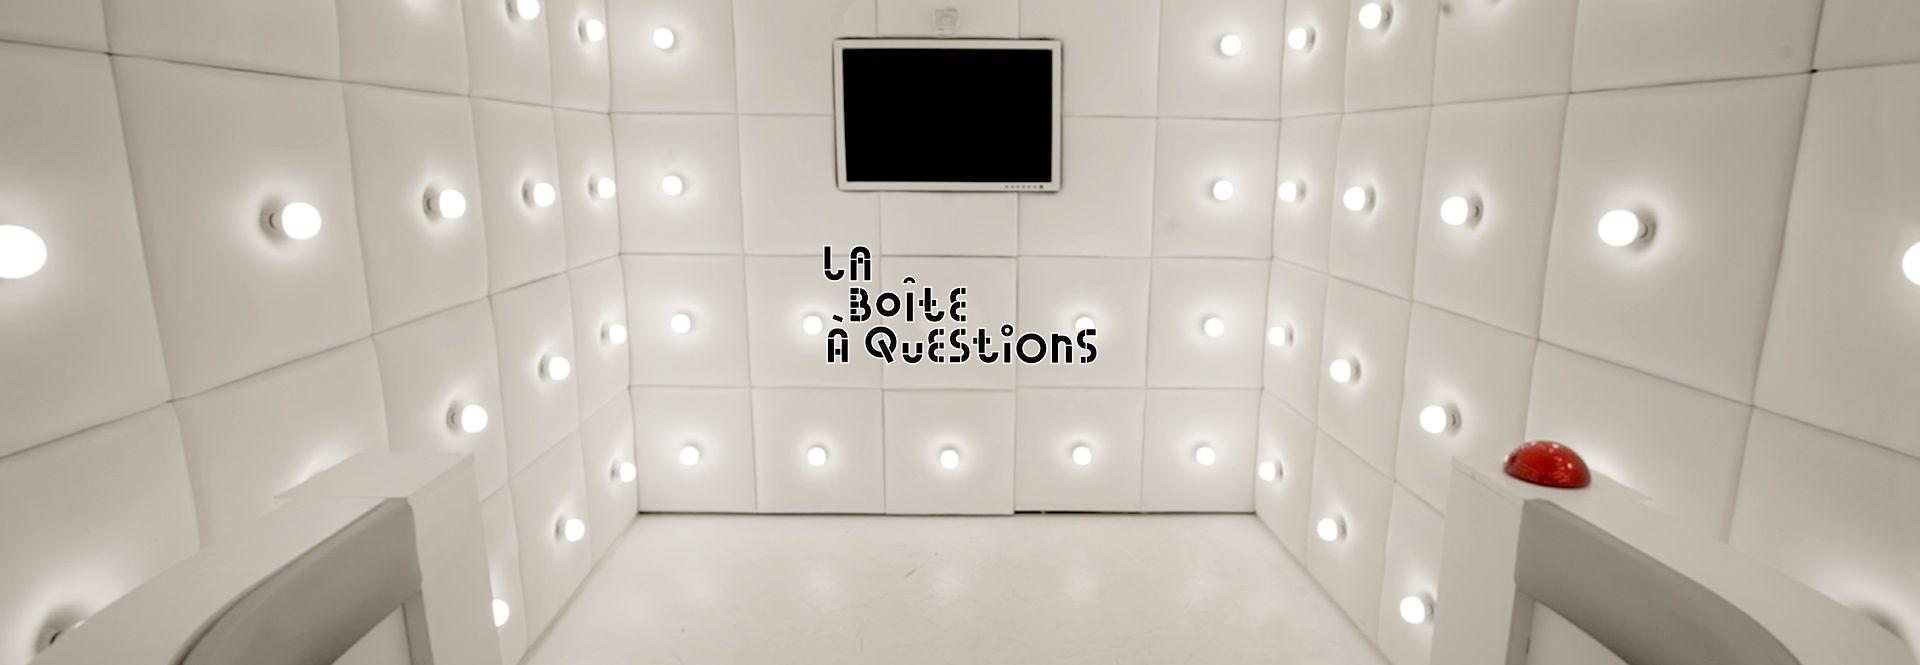 La boite à questions